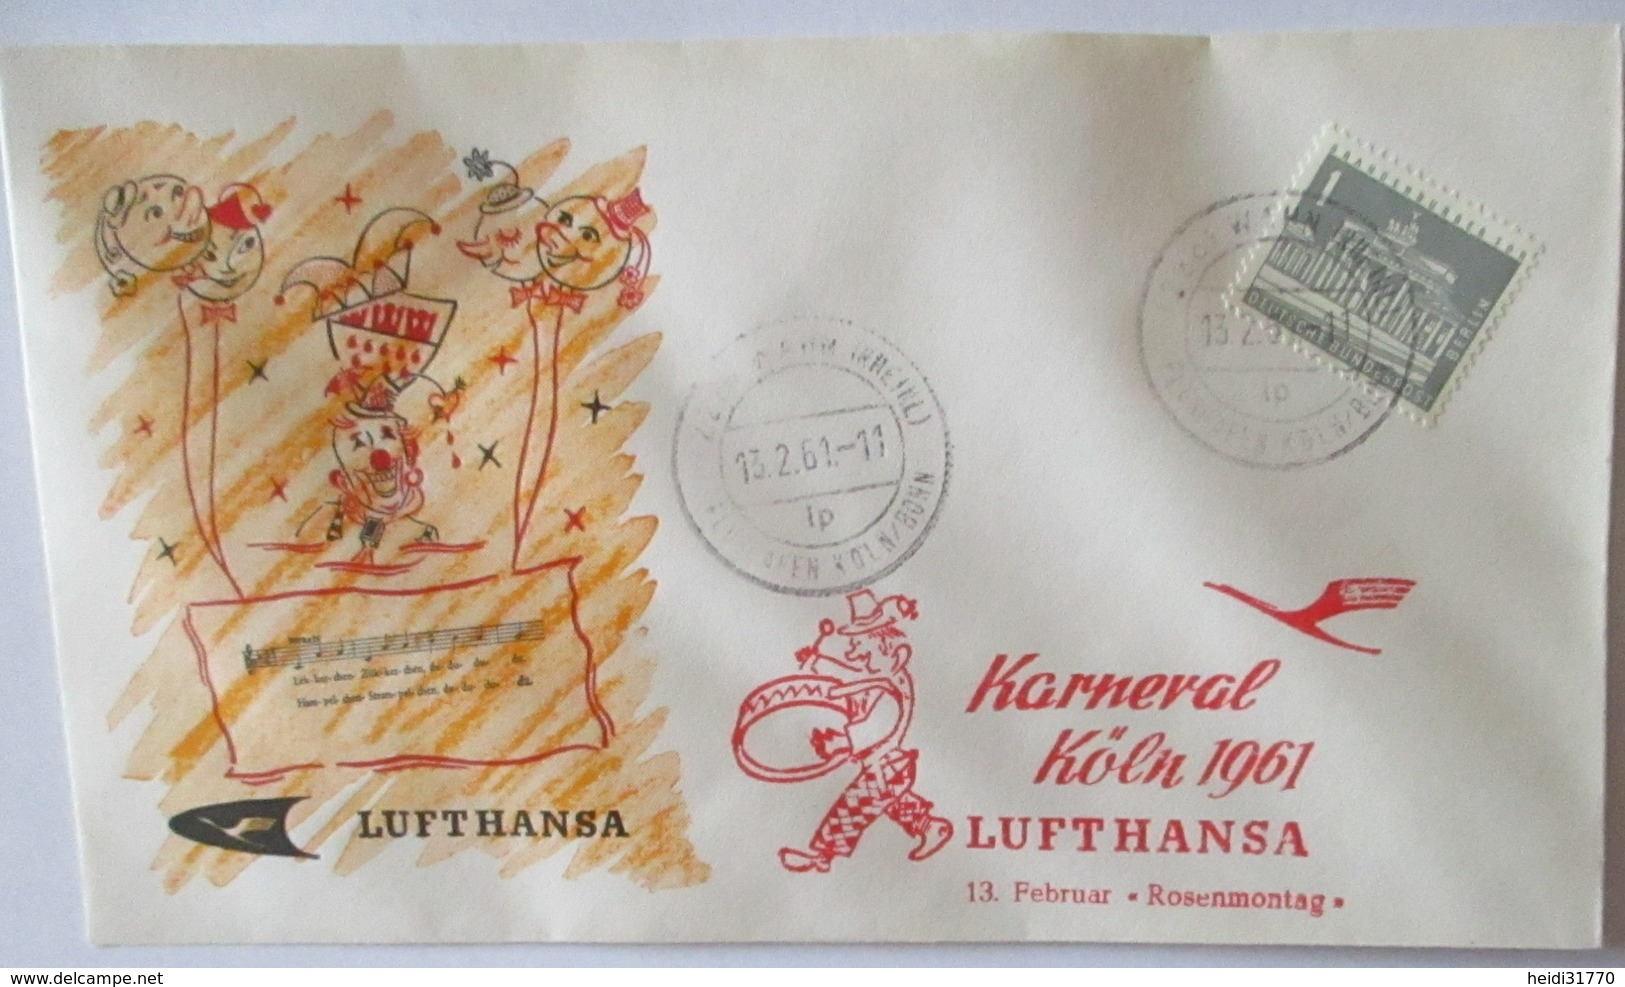 Köln Karneval 1961 Lufthansa Sonderbrief (19144) - Kostüme